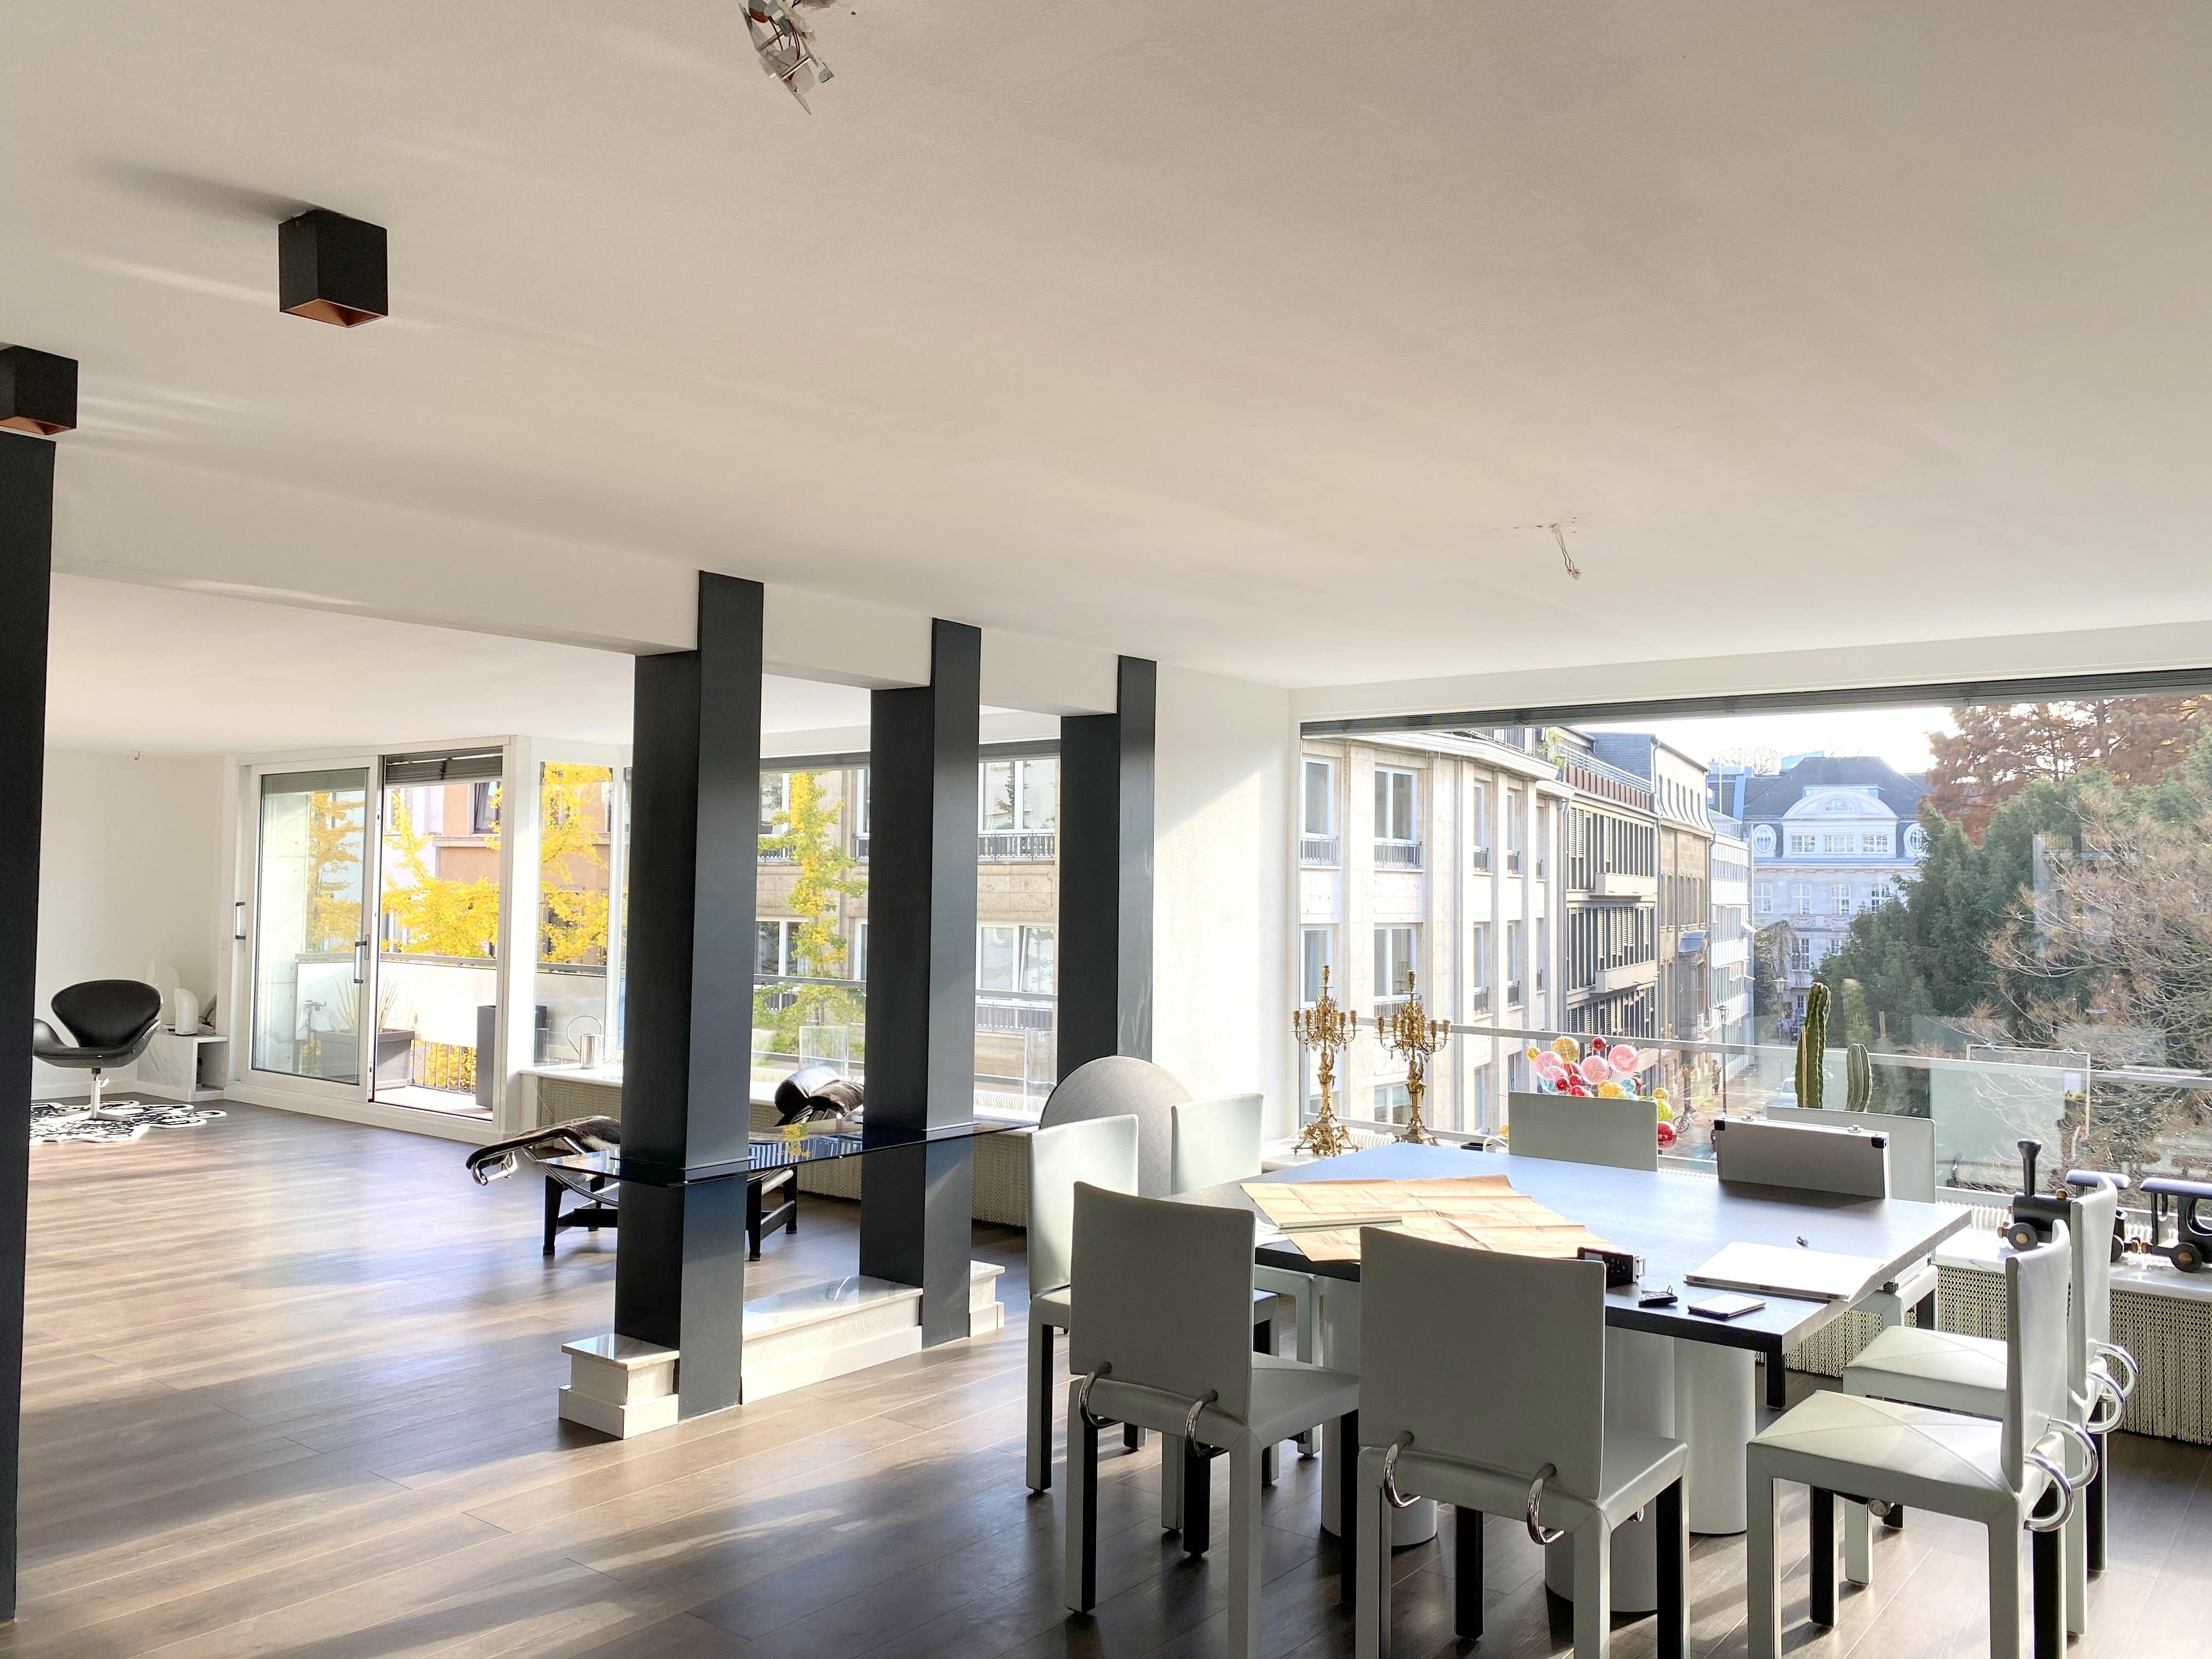 Exklusive Eigentumswohnung im Szeneviertel von Pempelfort Nähe Malkasten mit Blick auf den Hofgarten